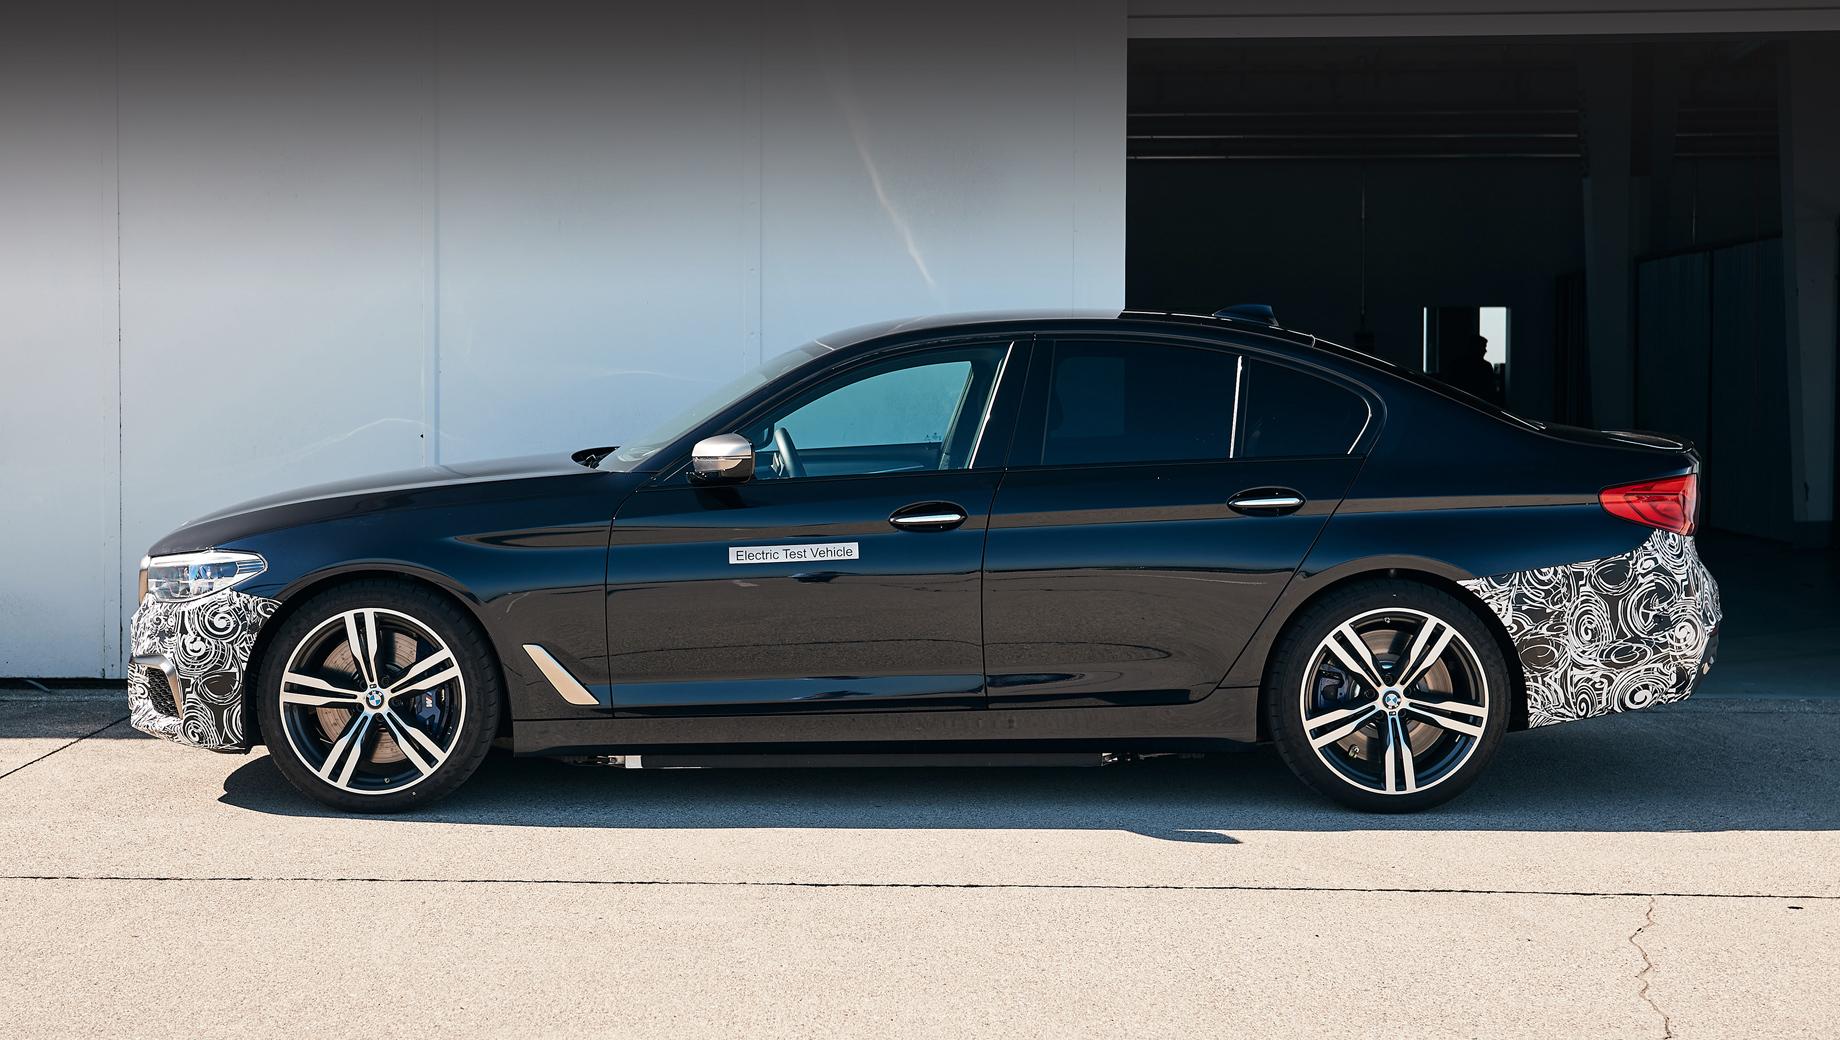 Bmw 5,Bmw 7. Пятая серия уже обращалась в электромобиль: в виде эксперимента в прошлом году. Но тогда в компании уверяли, что 720-сильный седан BMW Power BEV нужен просто для отработки перспективных электрических агрегатов, и никаких планов по продвижению батарейной «пятёрки» на конвейер нет.